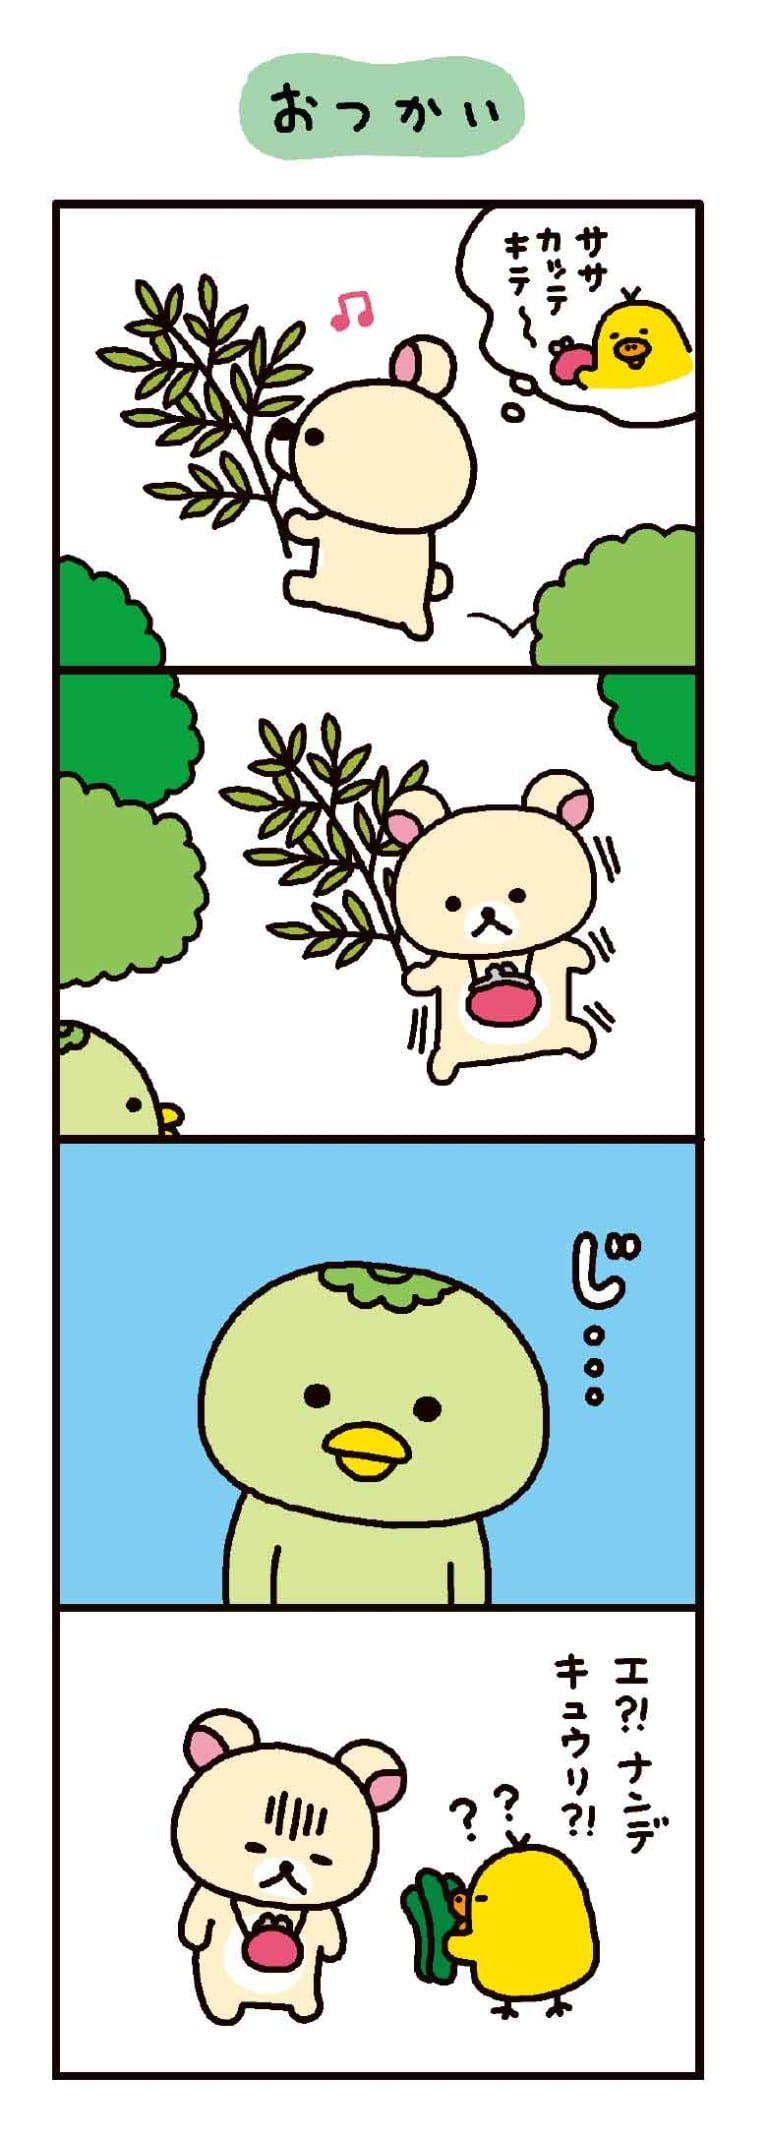 リラックマ 漫画 リラックマ 漫画